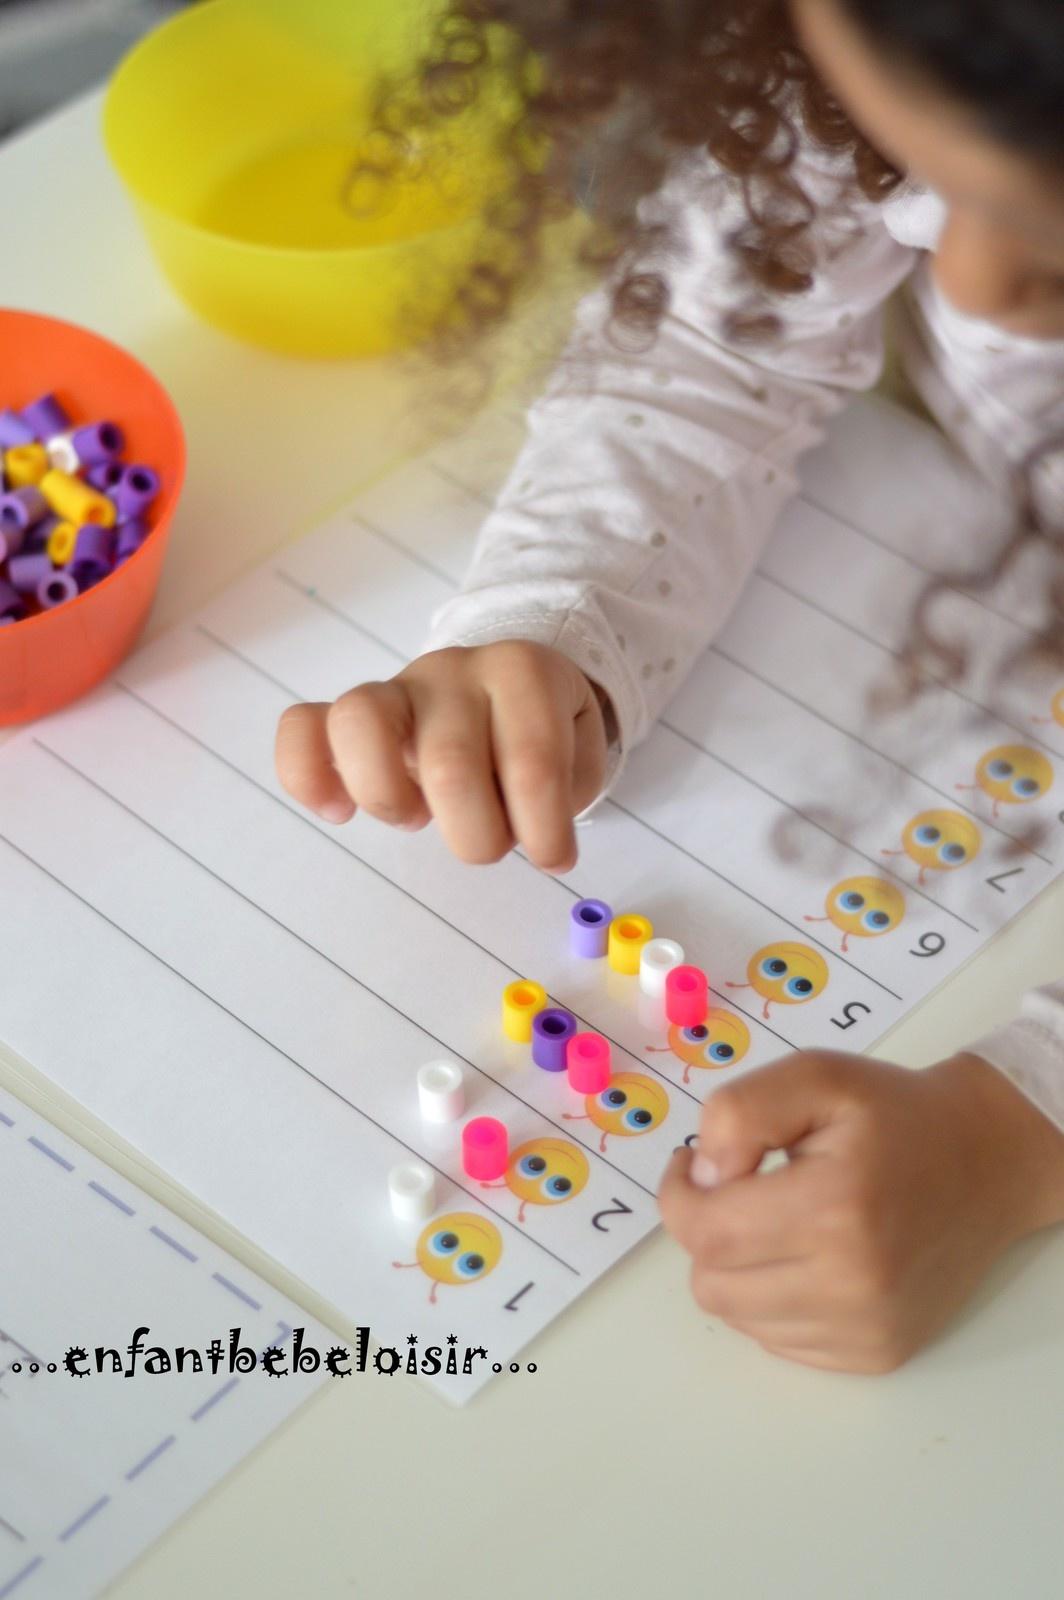 Fiche Exercice À Compter - Pdf À Imprimer - Enfant Bébé Loisir à Exercices Grande Section Maternelle Pdf